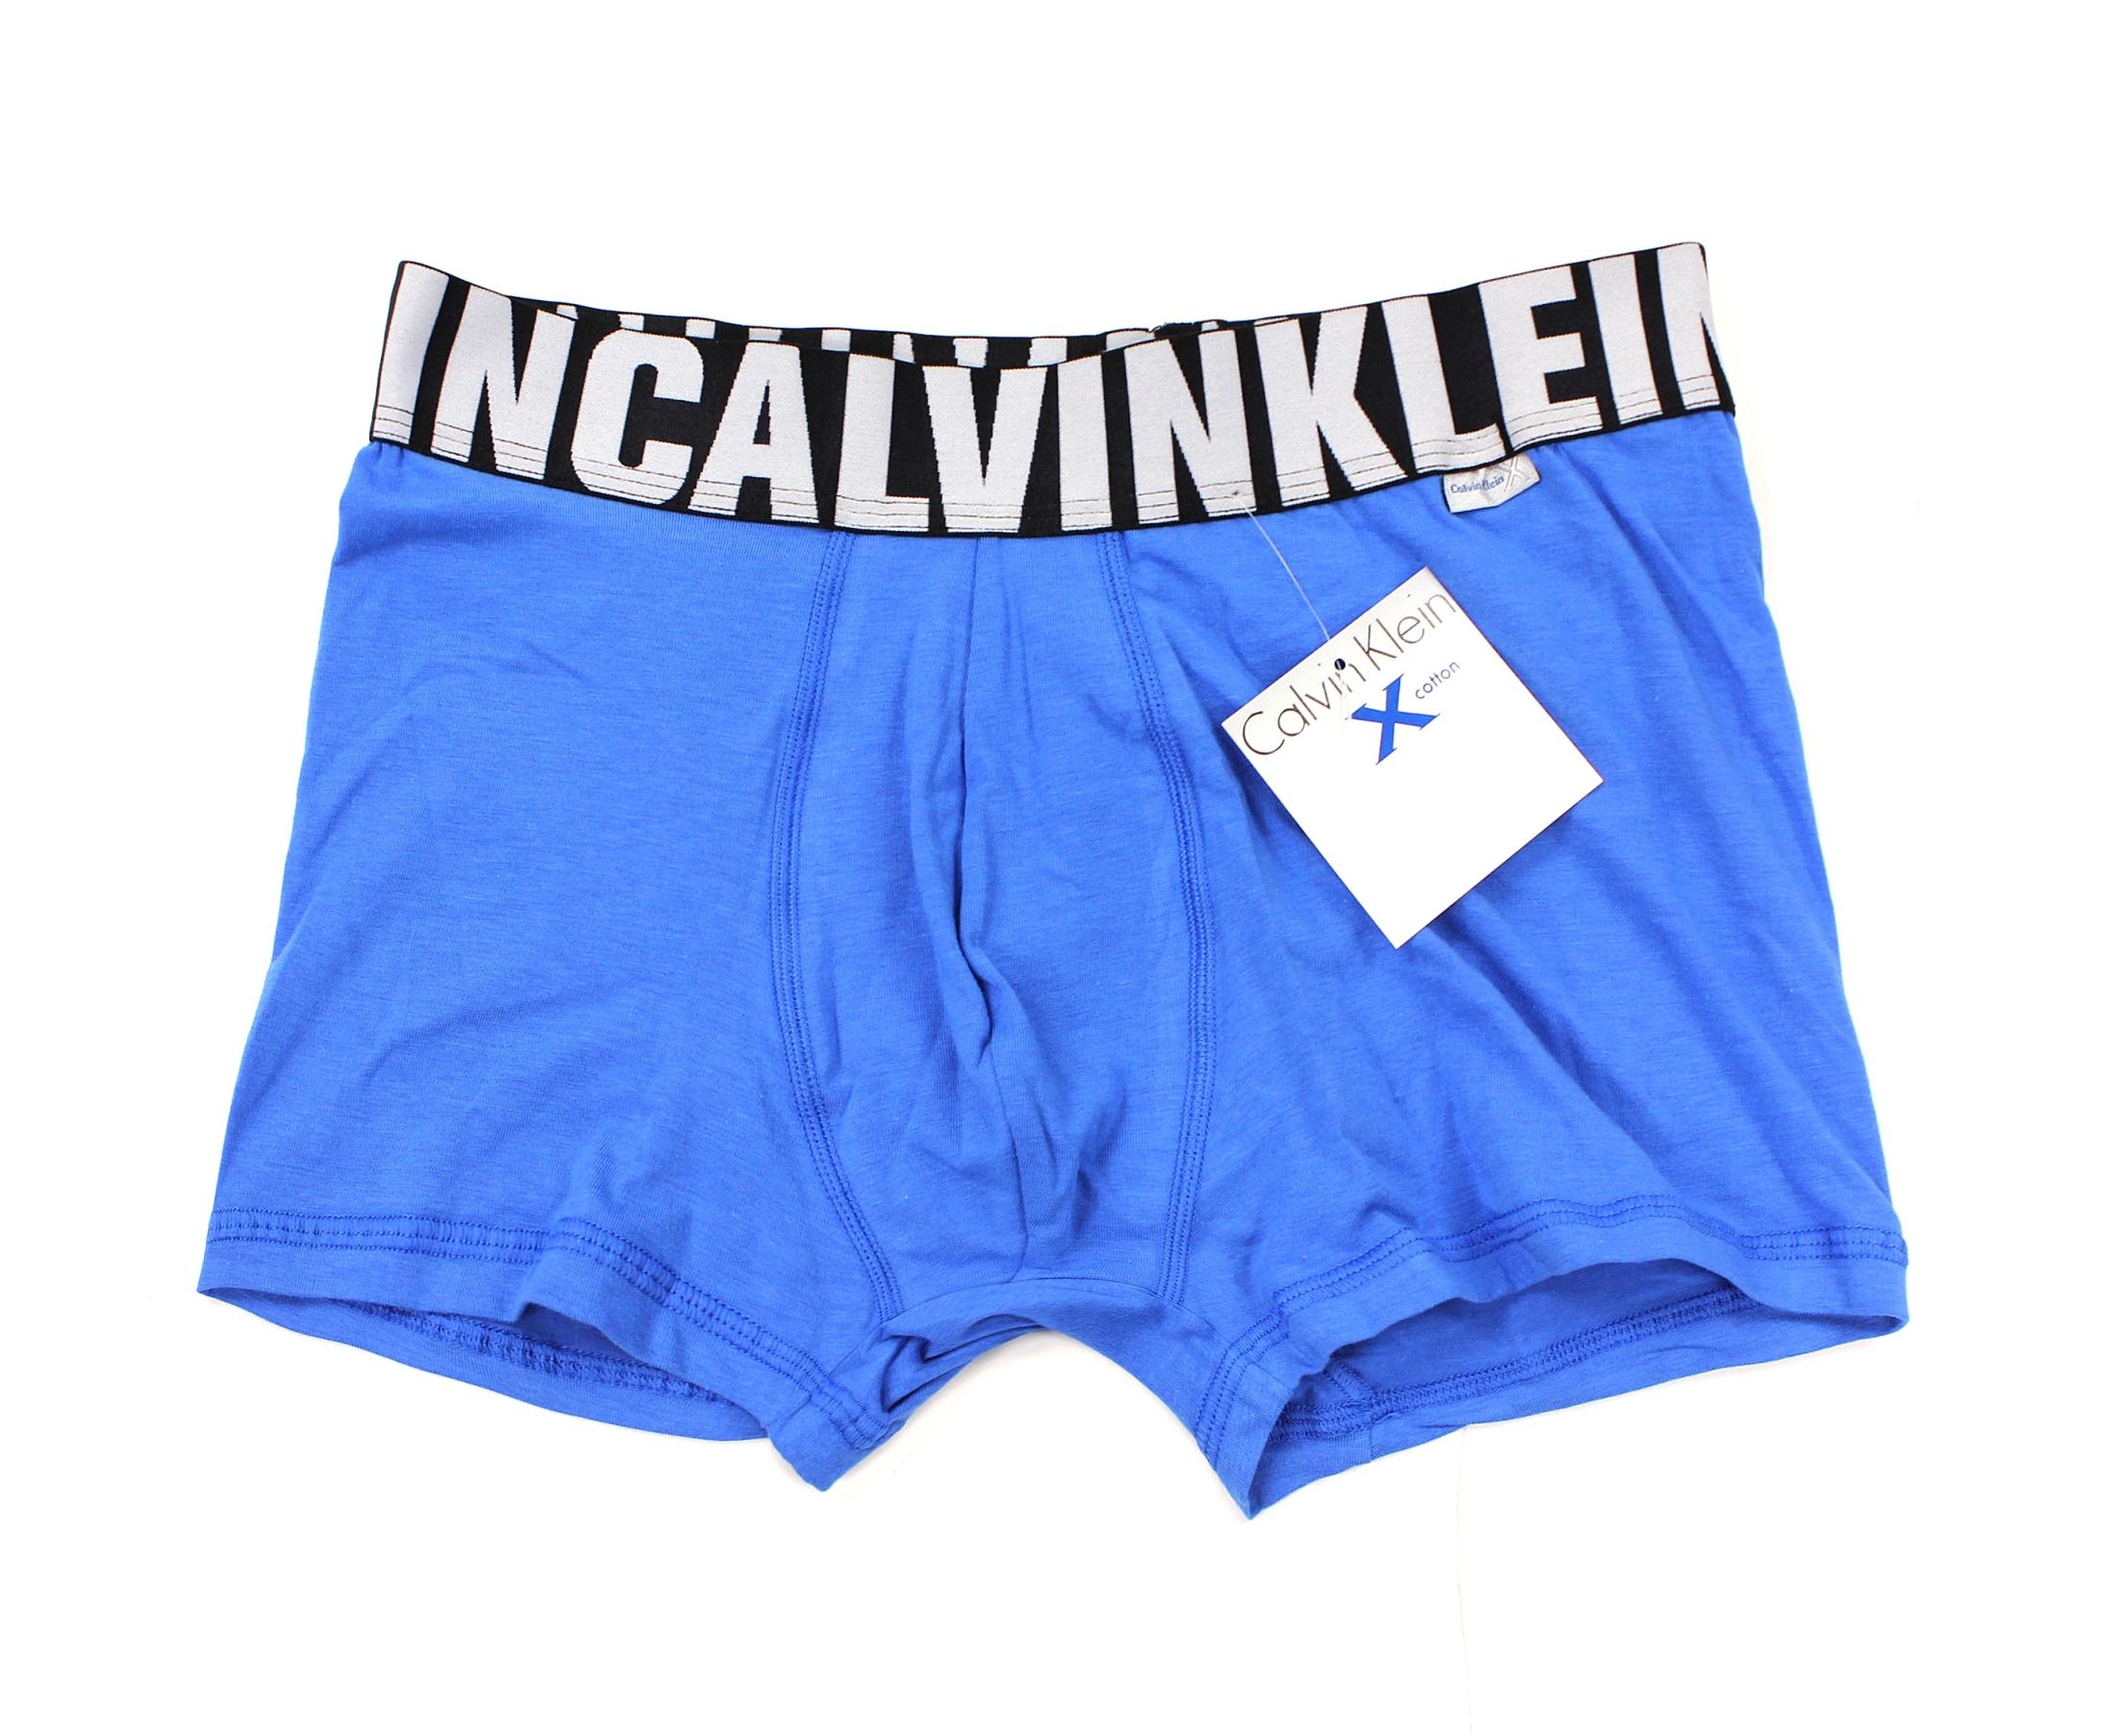 美國百分百【全新真品】Calvin Klein 內褲 CK 四角褲 平口褲 褲子 寶藍 棉質 鬆緊 彈性 男 M L XL